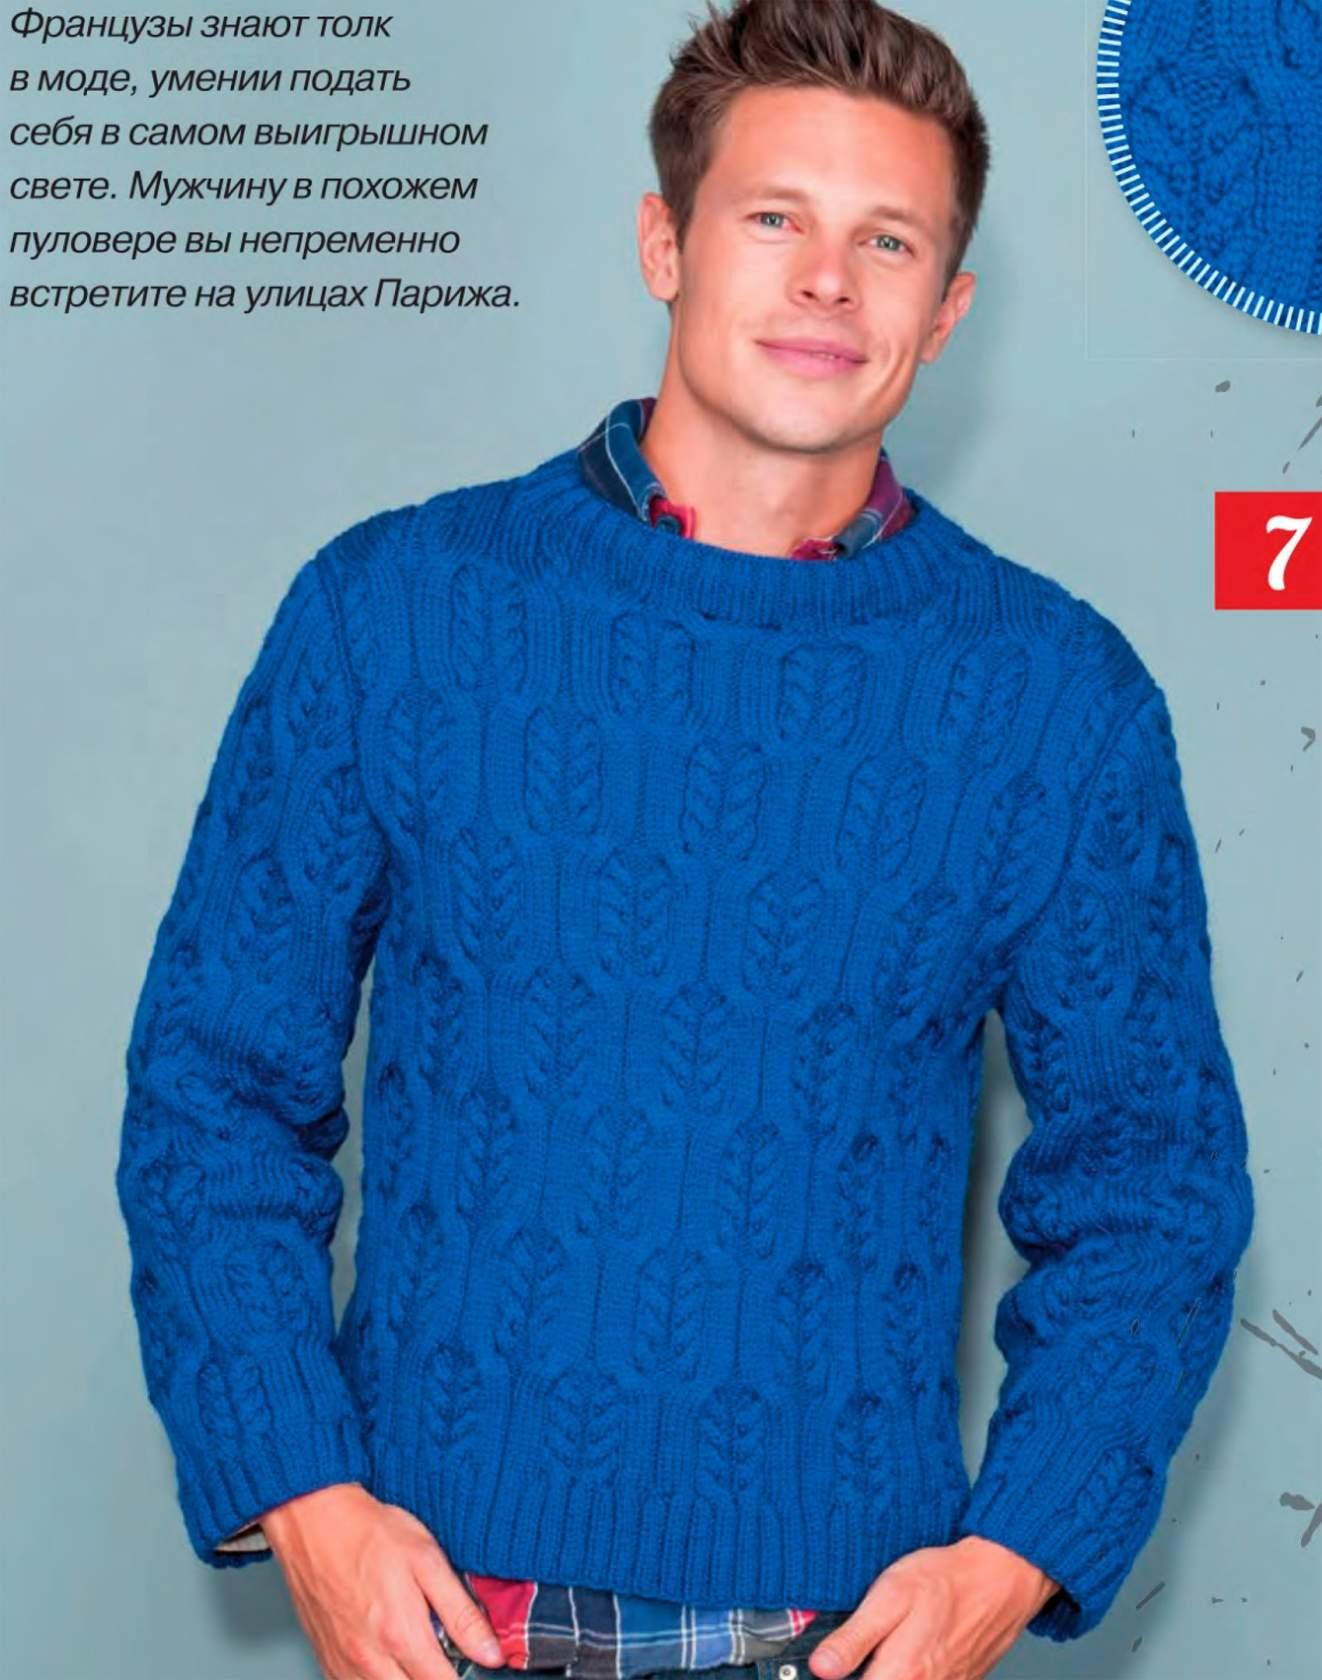 Мужской теплый пуловер, вязаный спицами